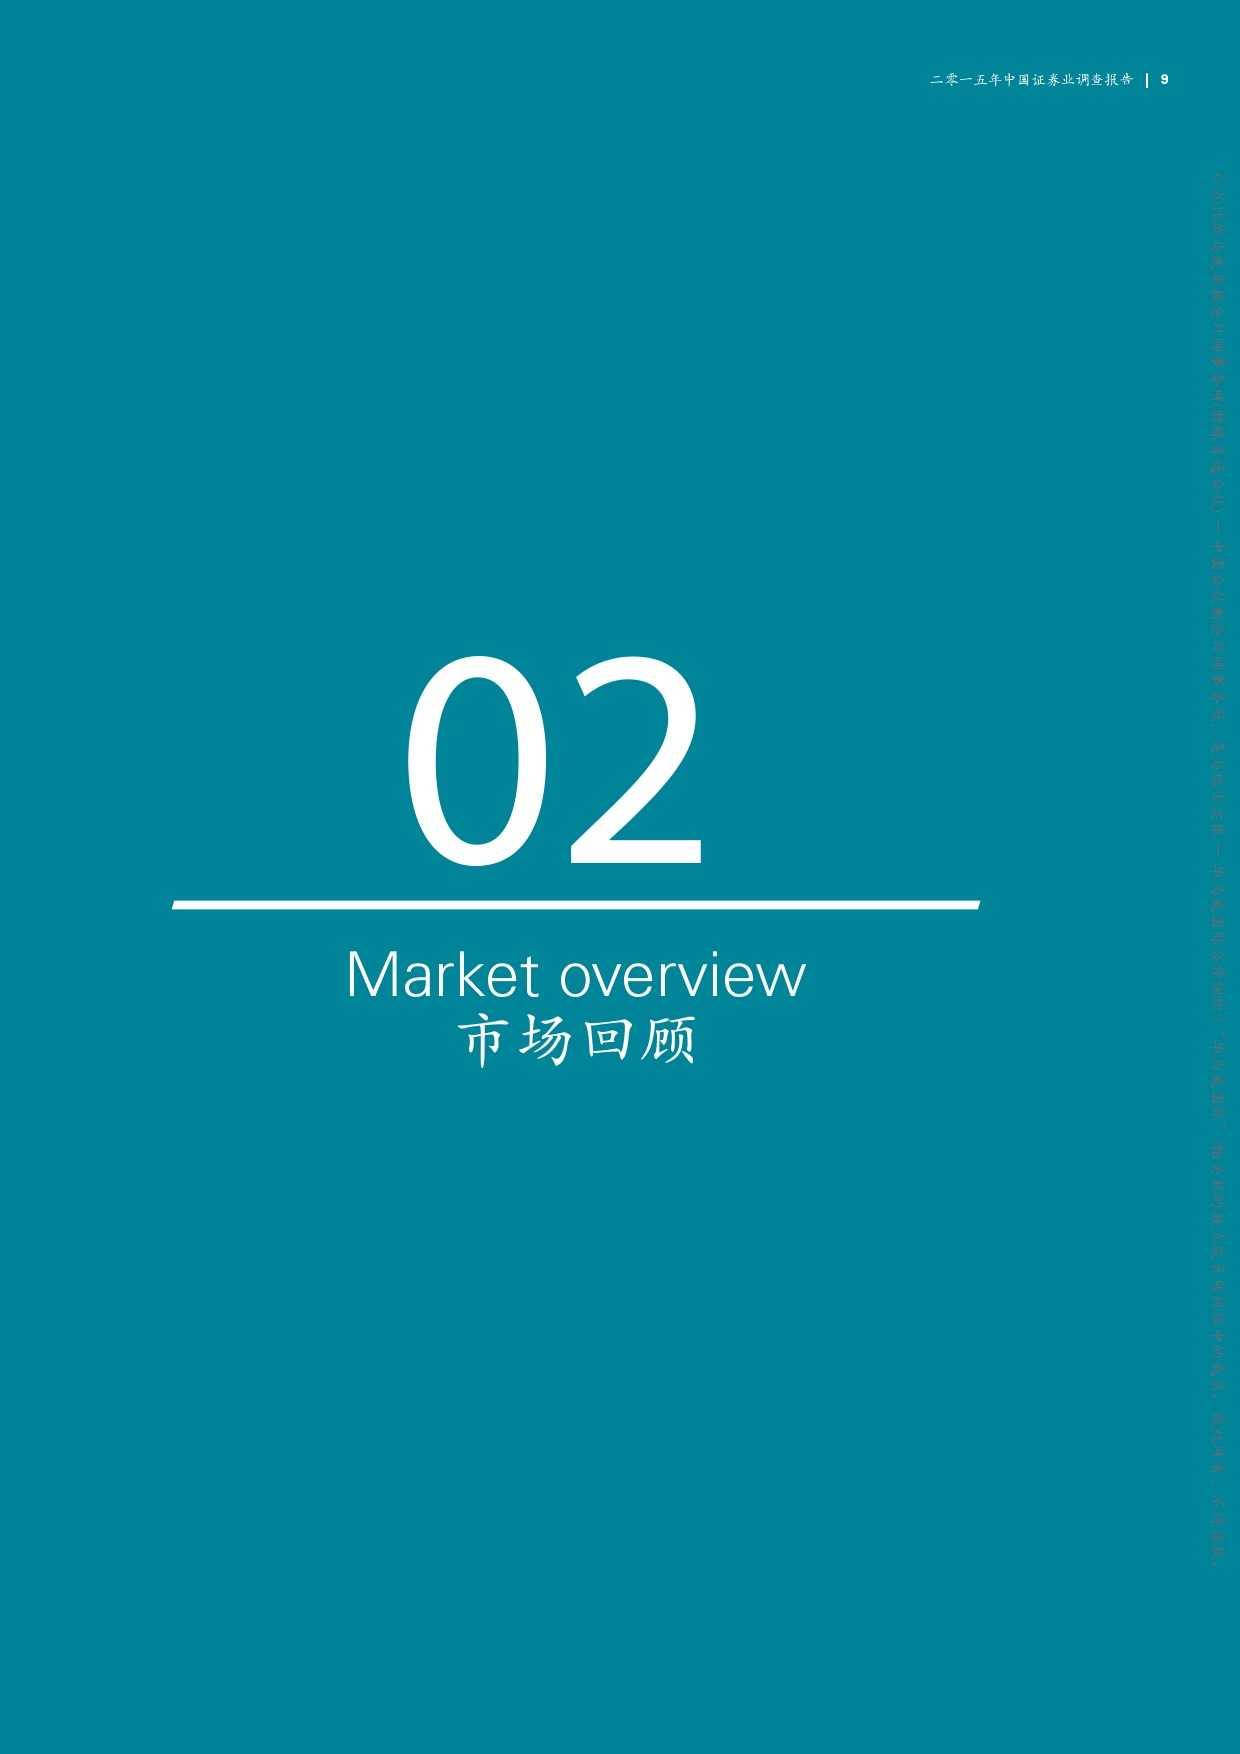 毕马威:2015年中国证券业调查报告_000011